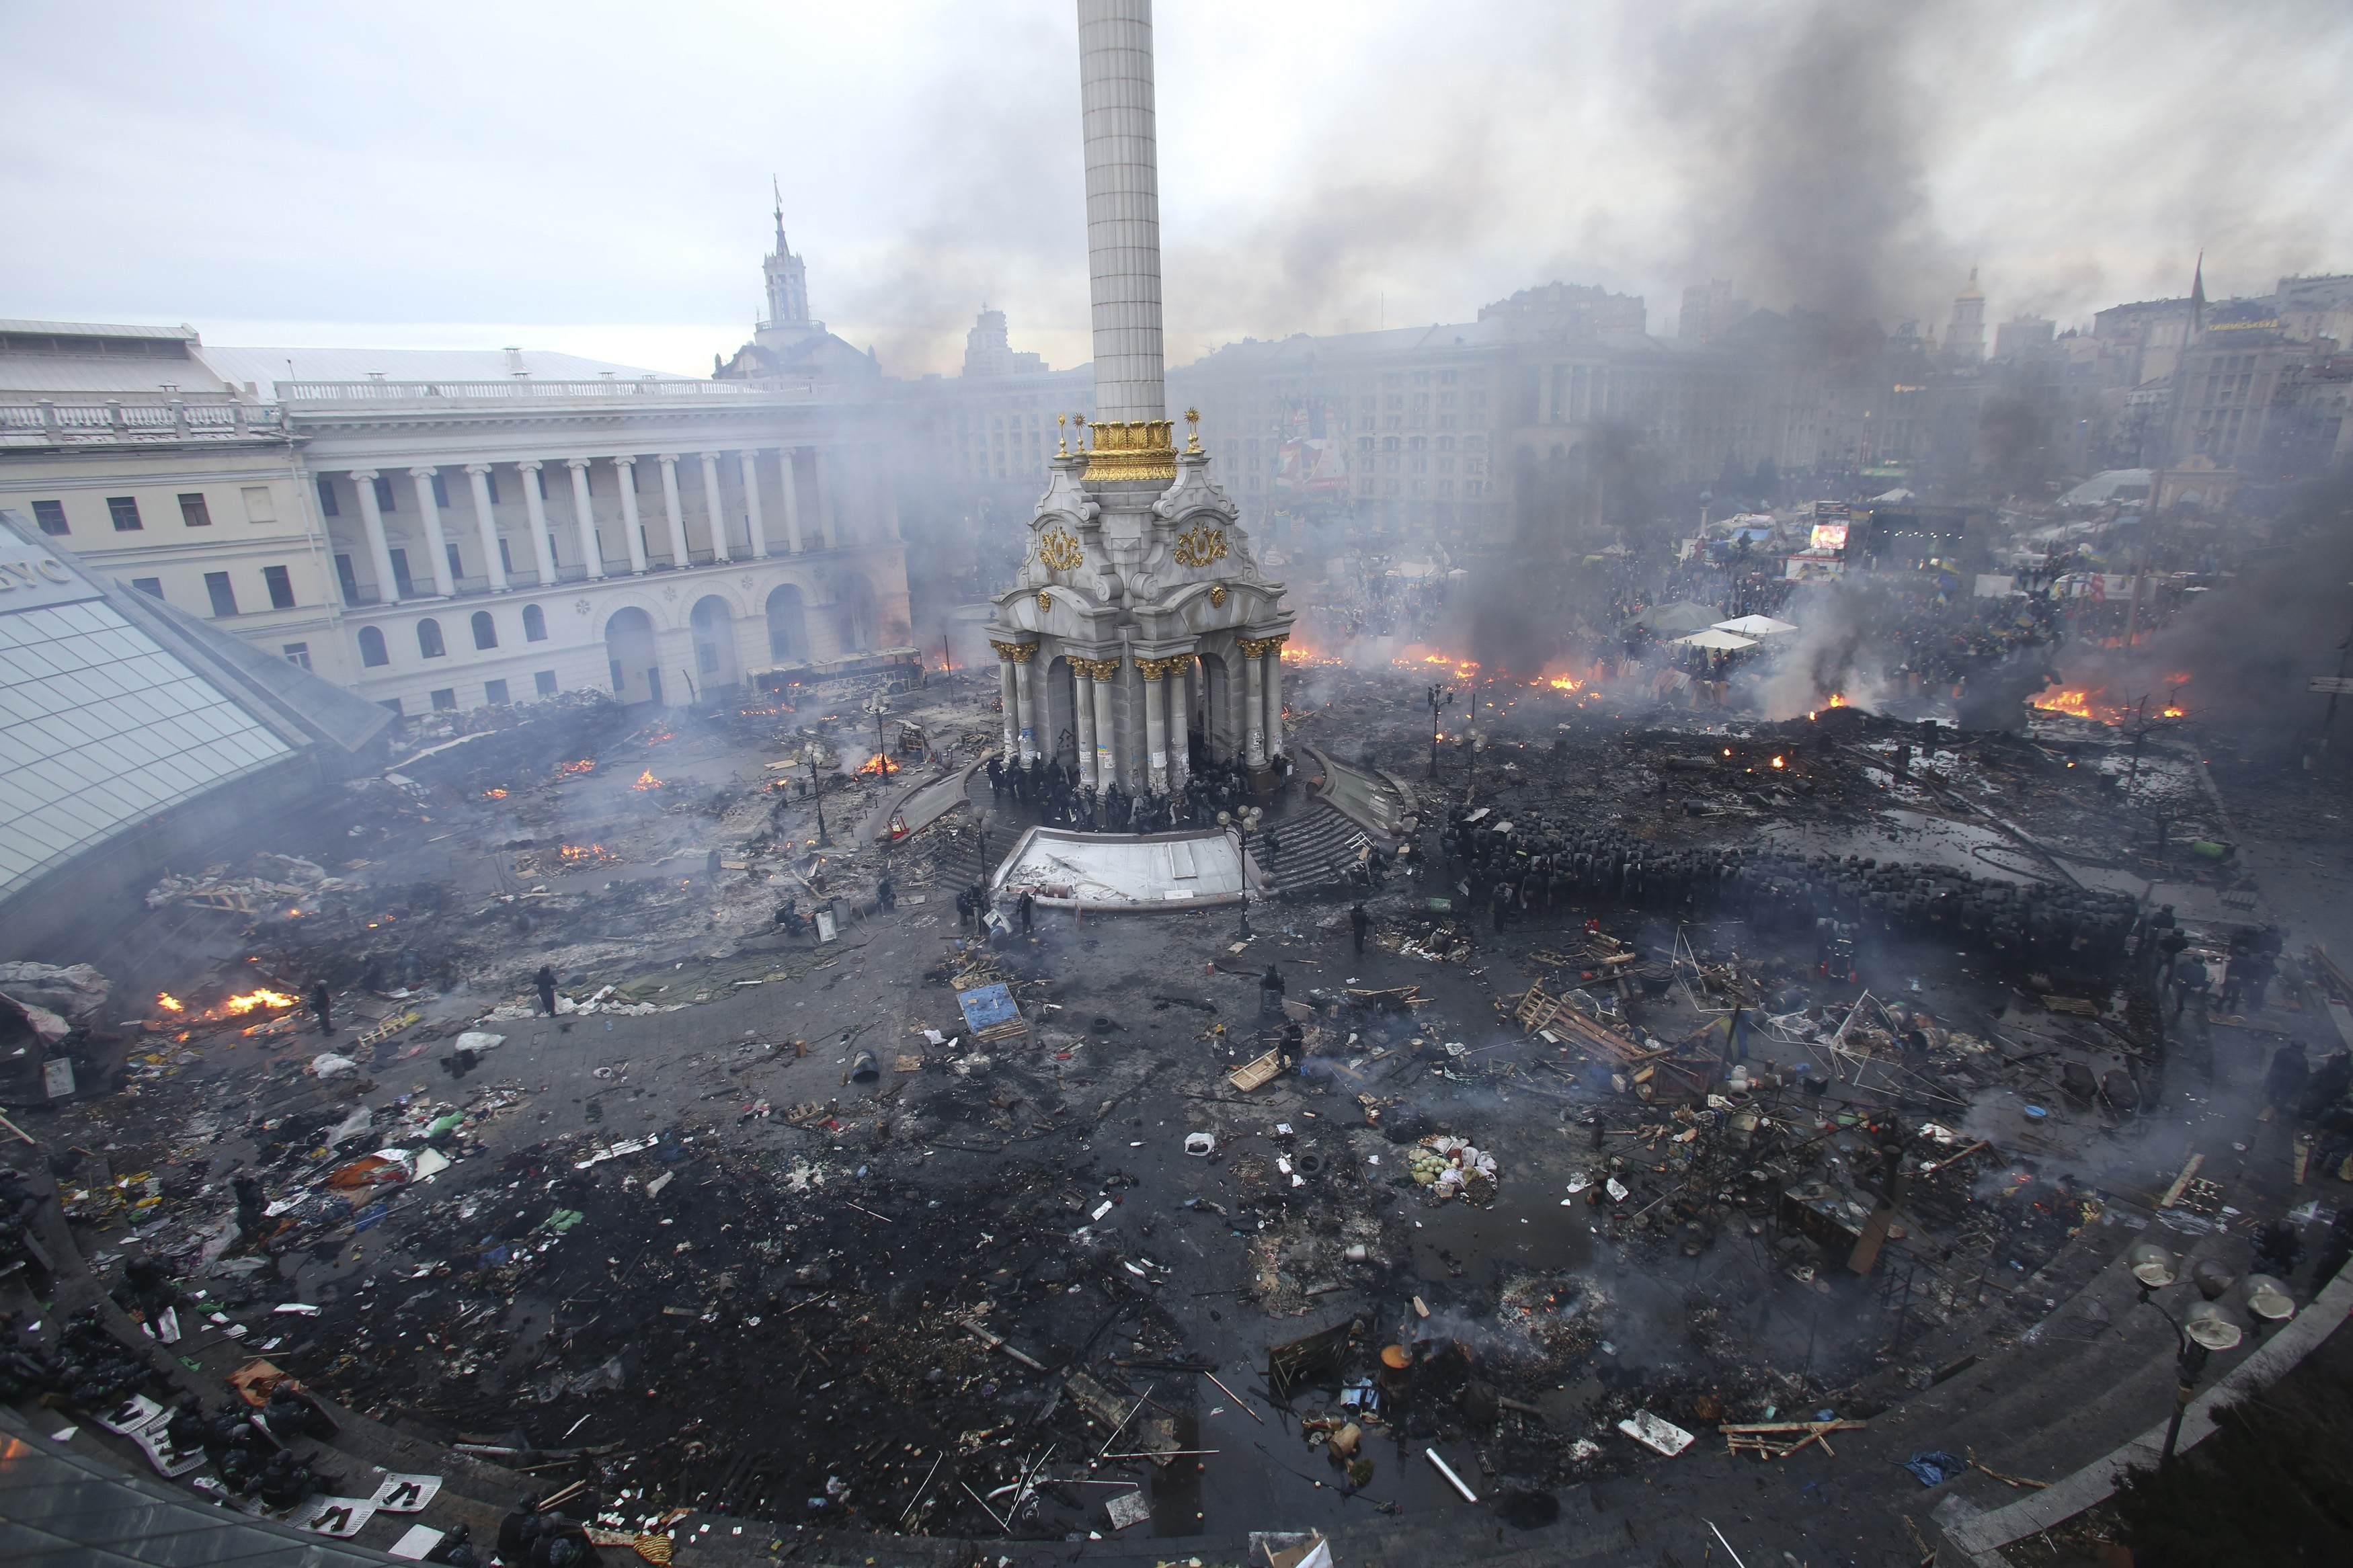 Moștenirea-Euromaidanului-grav-afectată-de-corupția-actualei-clase-politice-de-la-Kiev